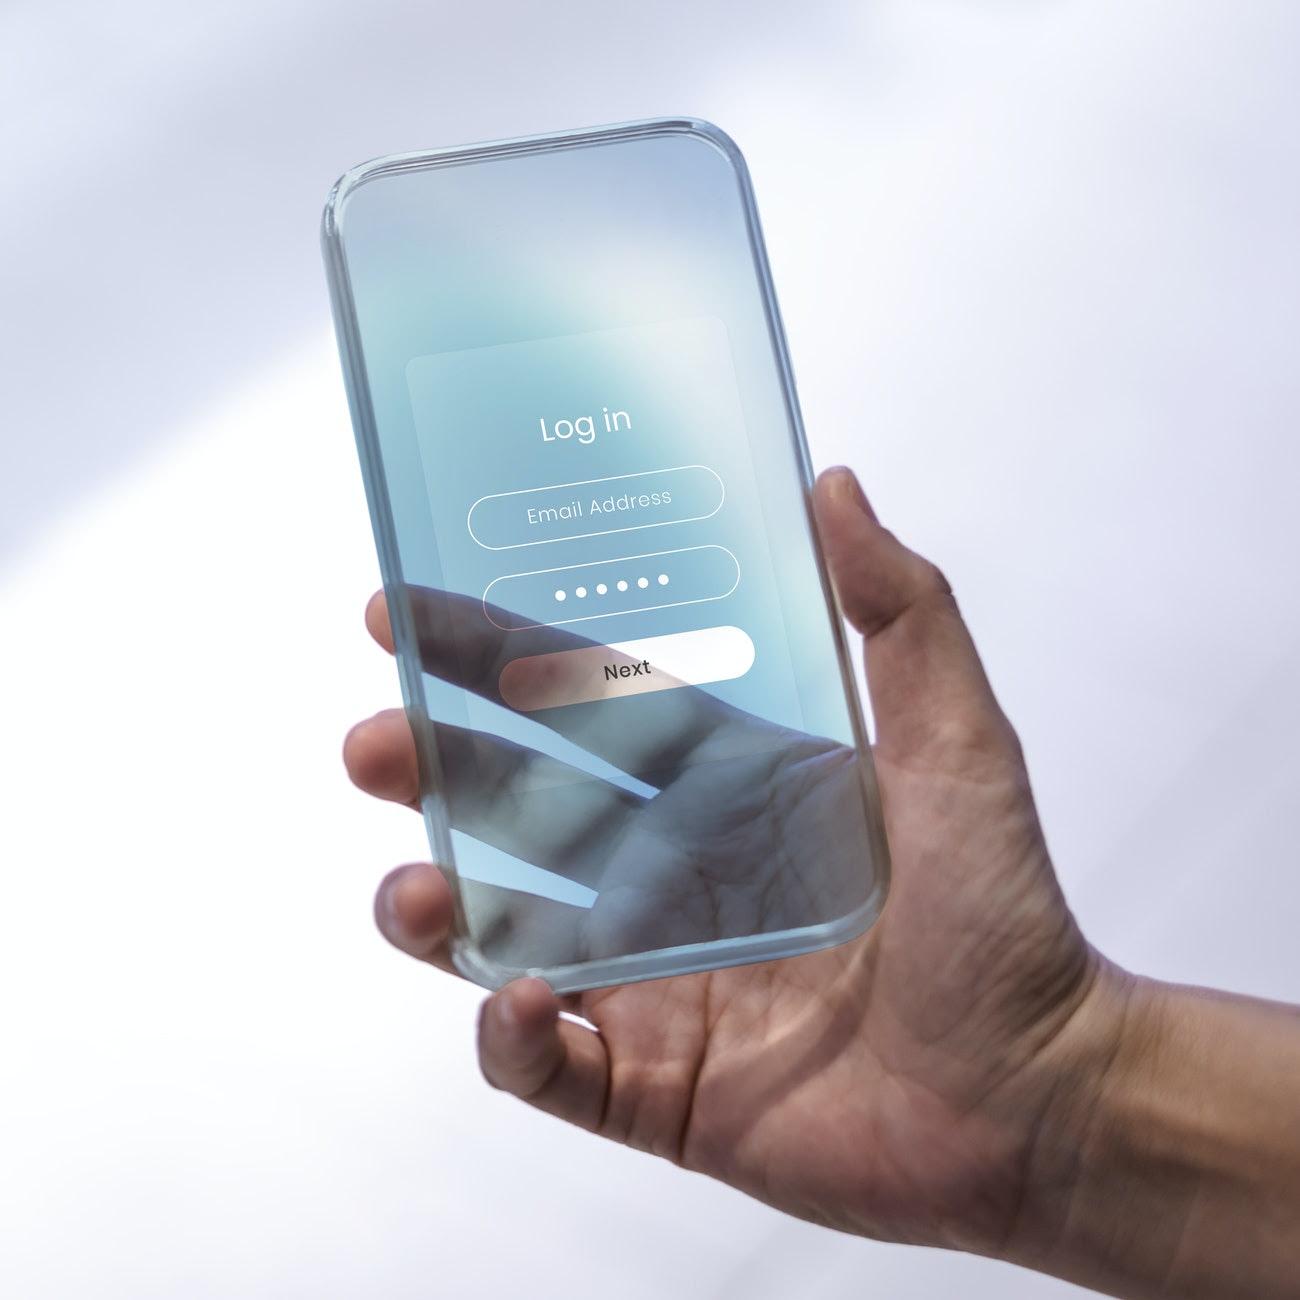 Um objeto com o formato de celular, na cor azul e transparente, é segurado por uma mão masculina. lgpd-vigencia-judiciario-para-complementar-embasamento-em-decisoes